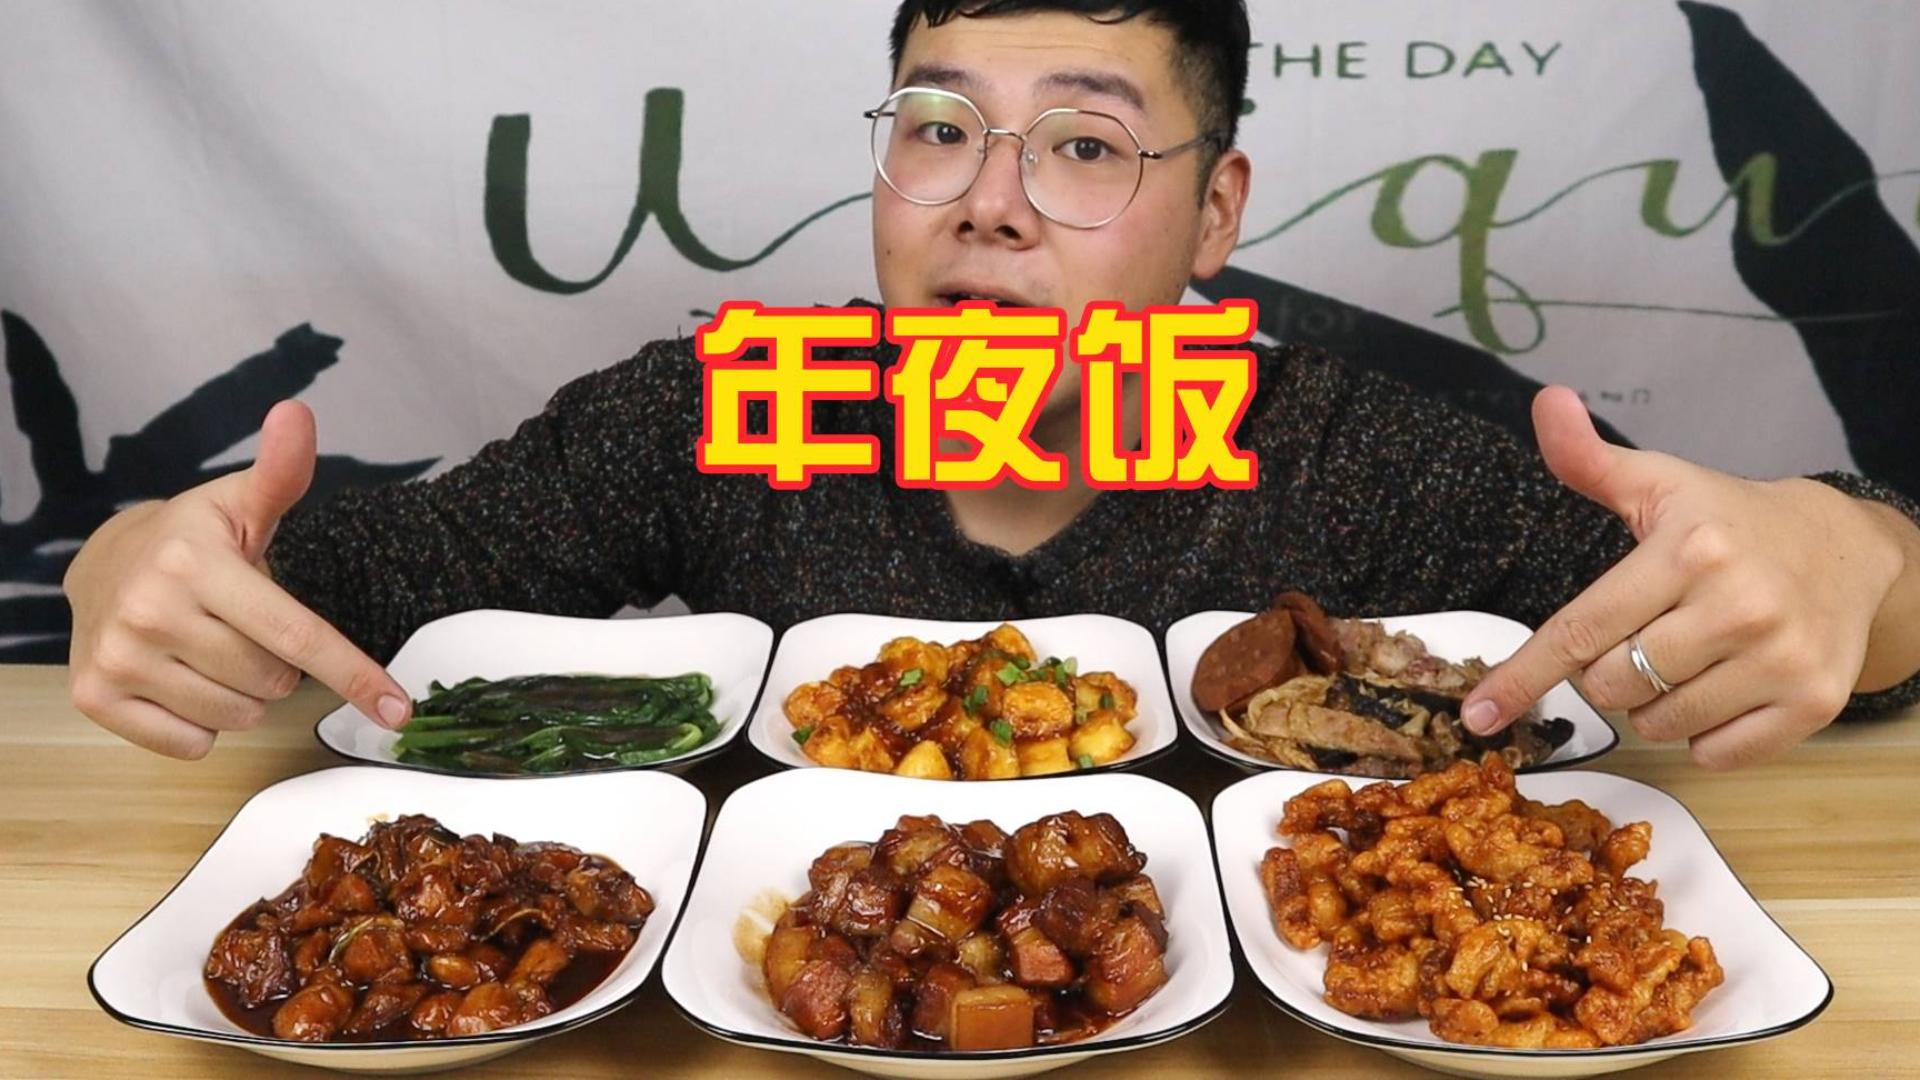 140元一桌的年夜饭都能吃到什么?一个人吃一桌子菜,这也太爽啦!